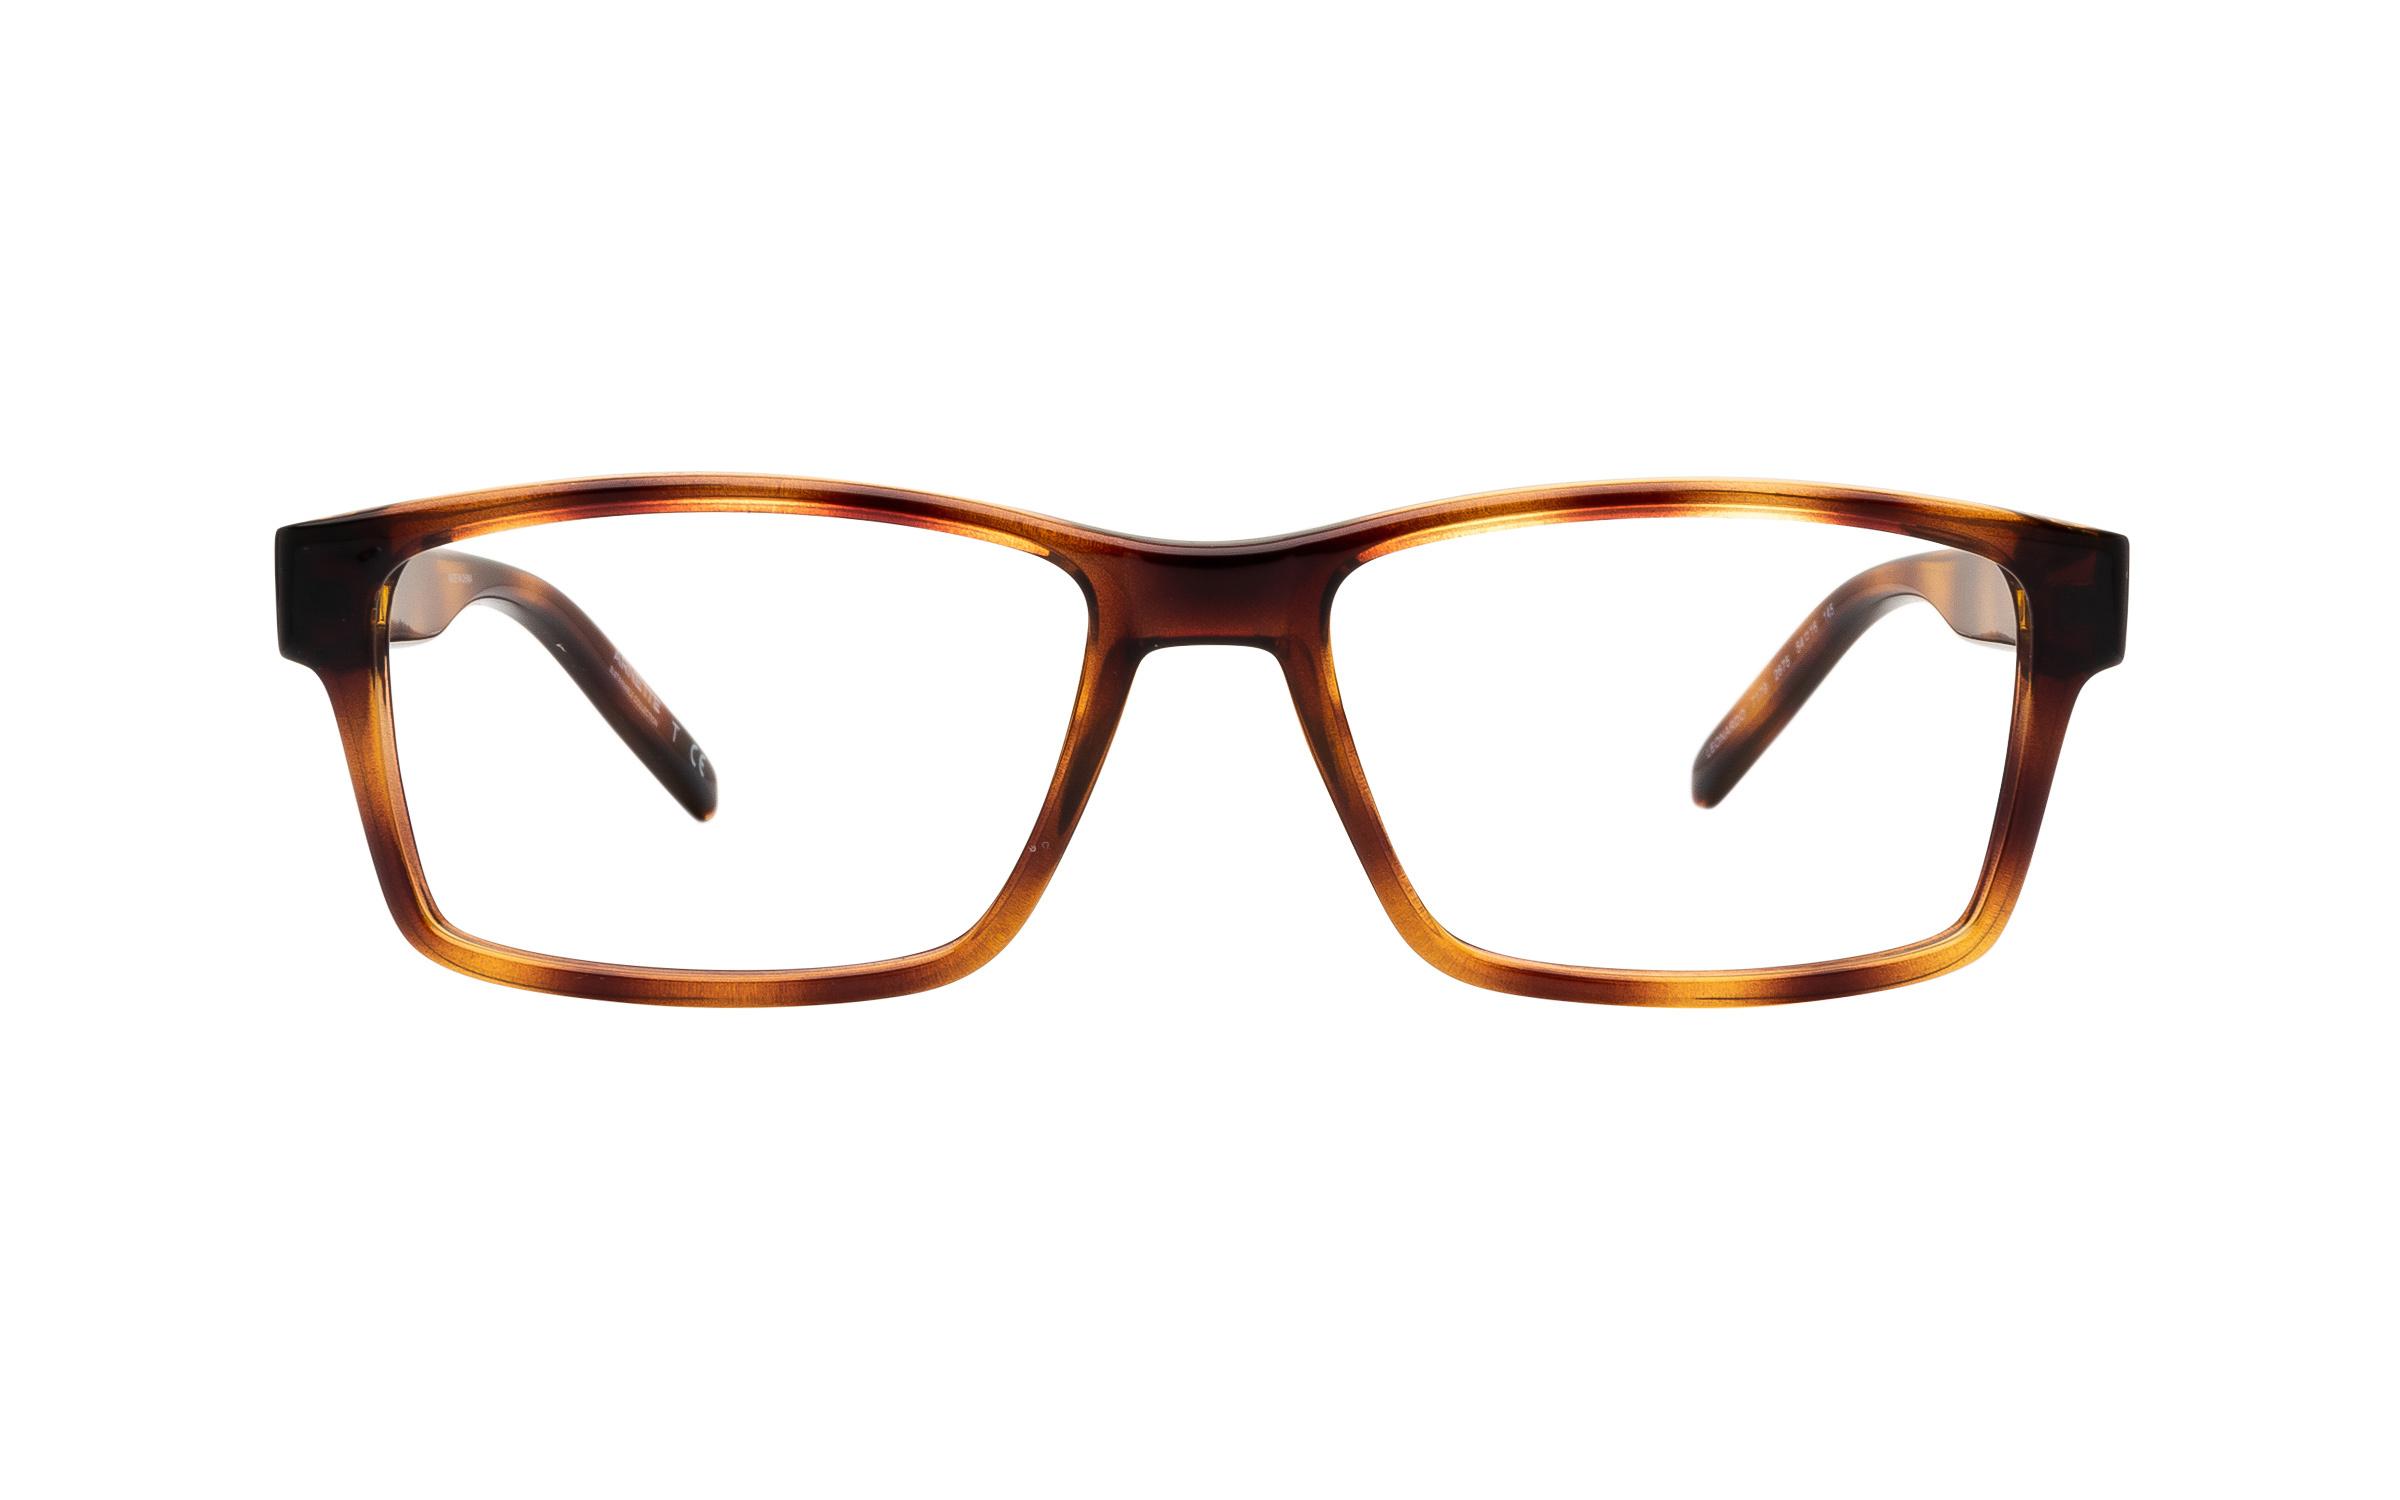 Arnette Leonardo AN7179 2675 (54) Eyeglasses and Frame in Havana Tortoise | Acetate